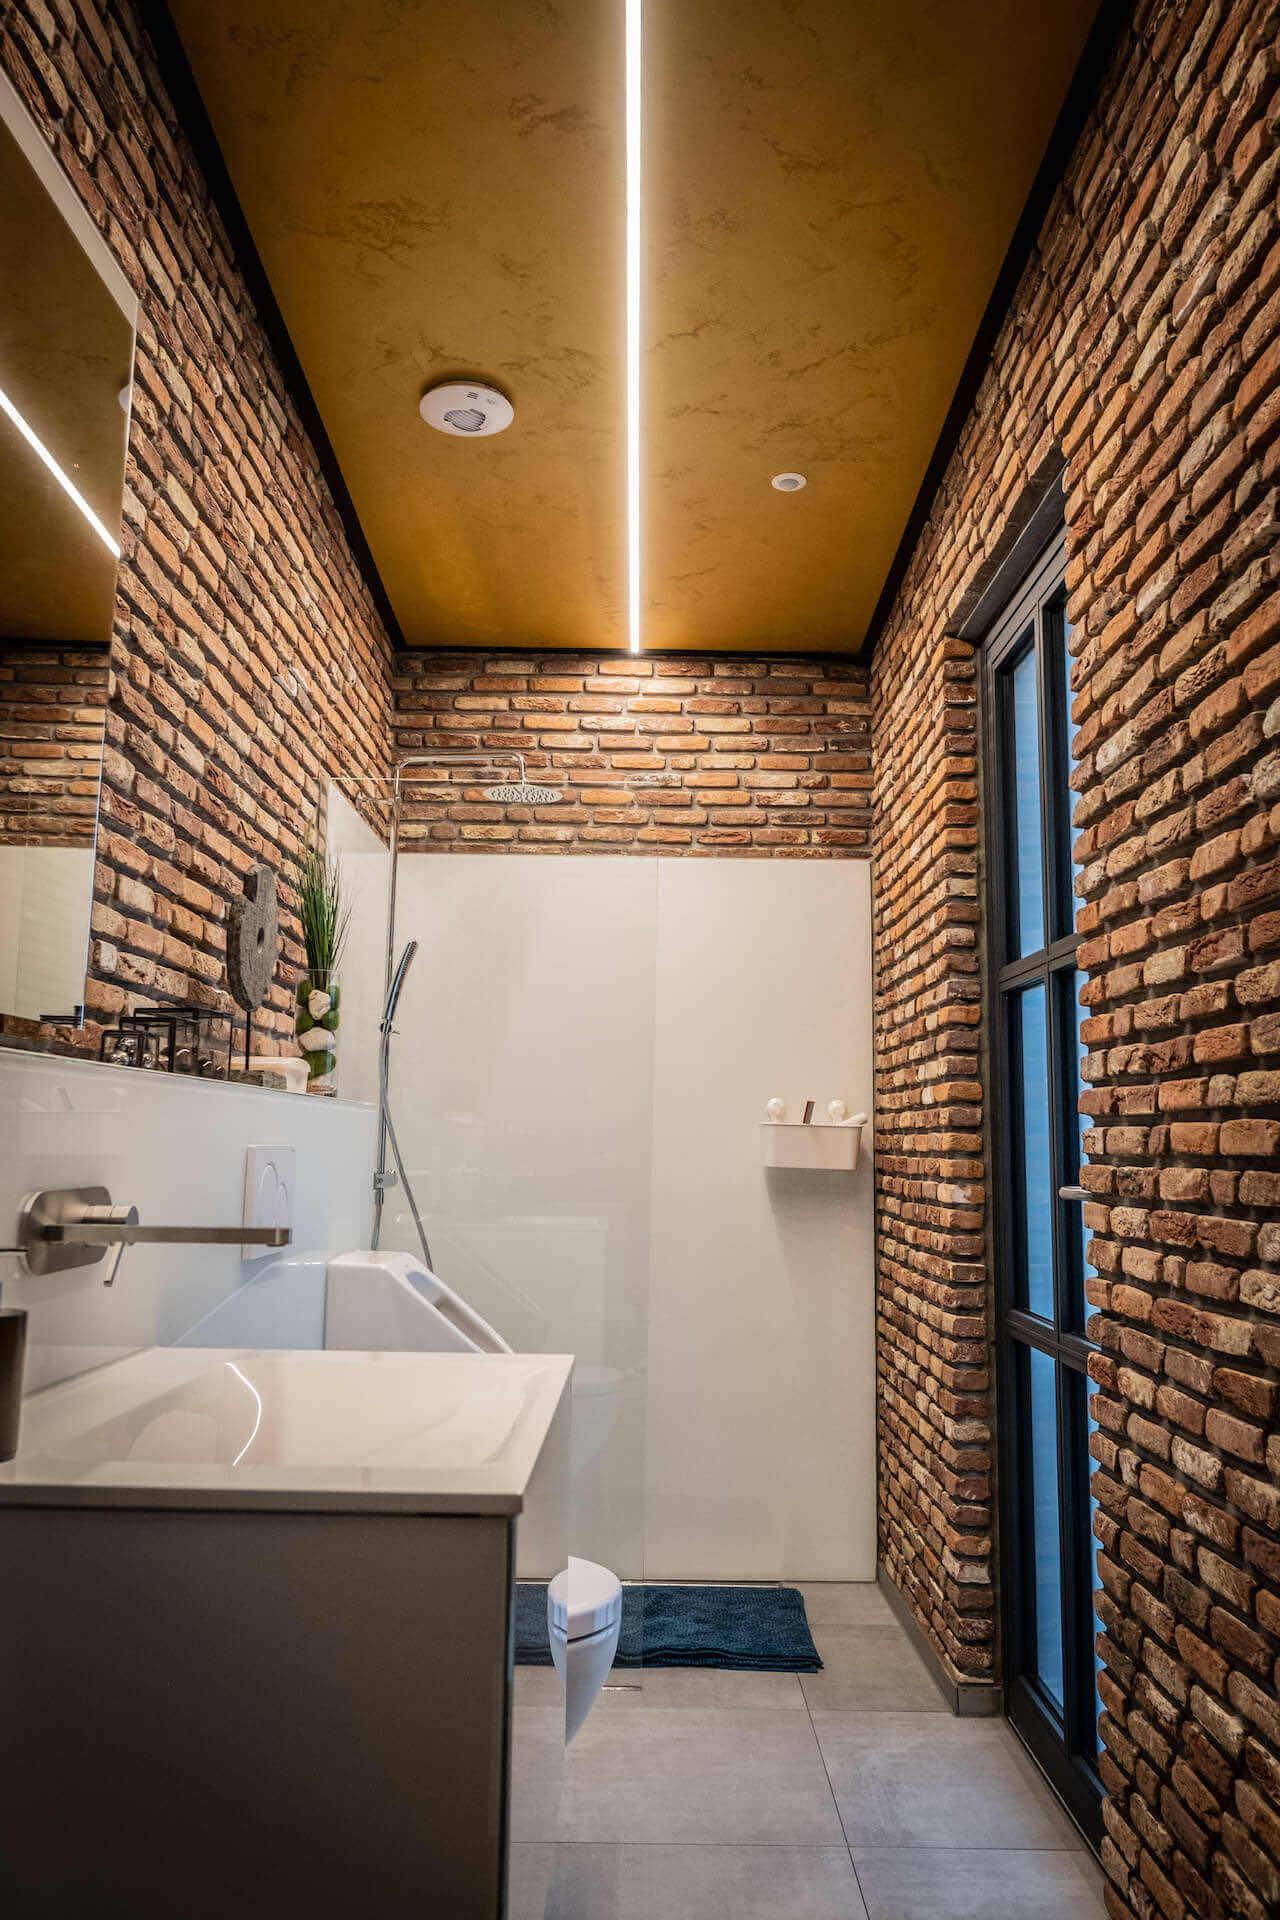 Badezimmerbeleuchtung mit LED-Stripe | Leuchten Lukassen